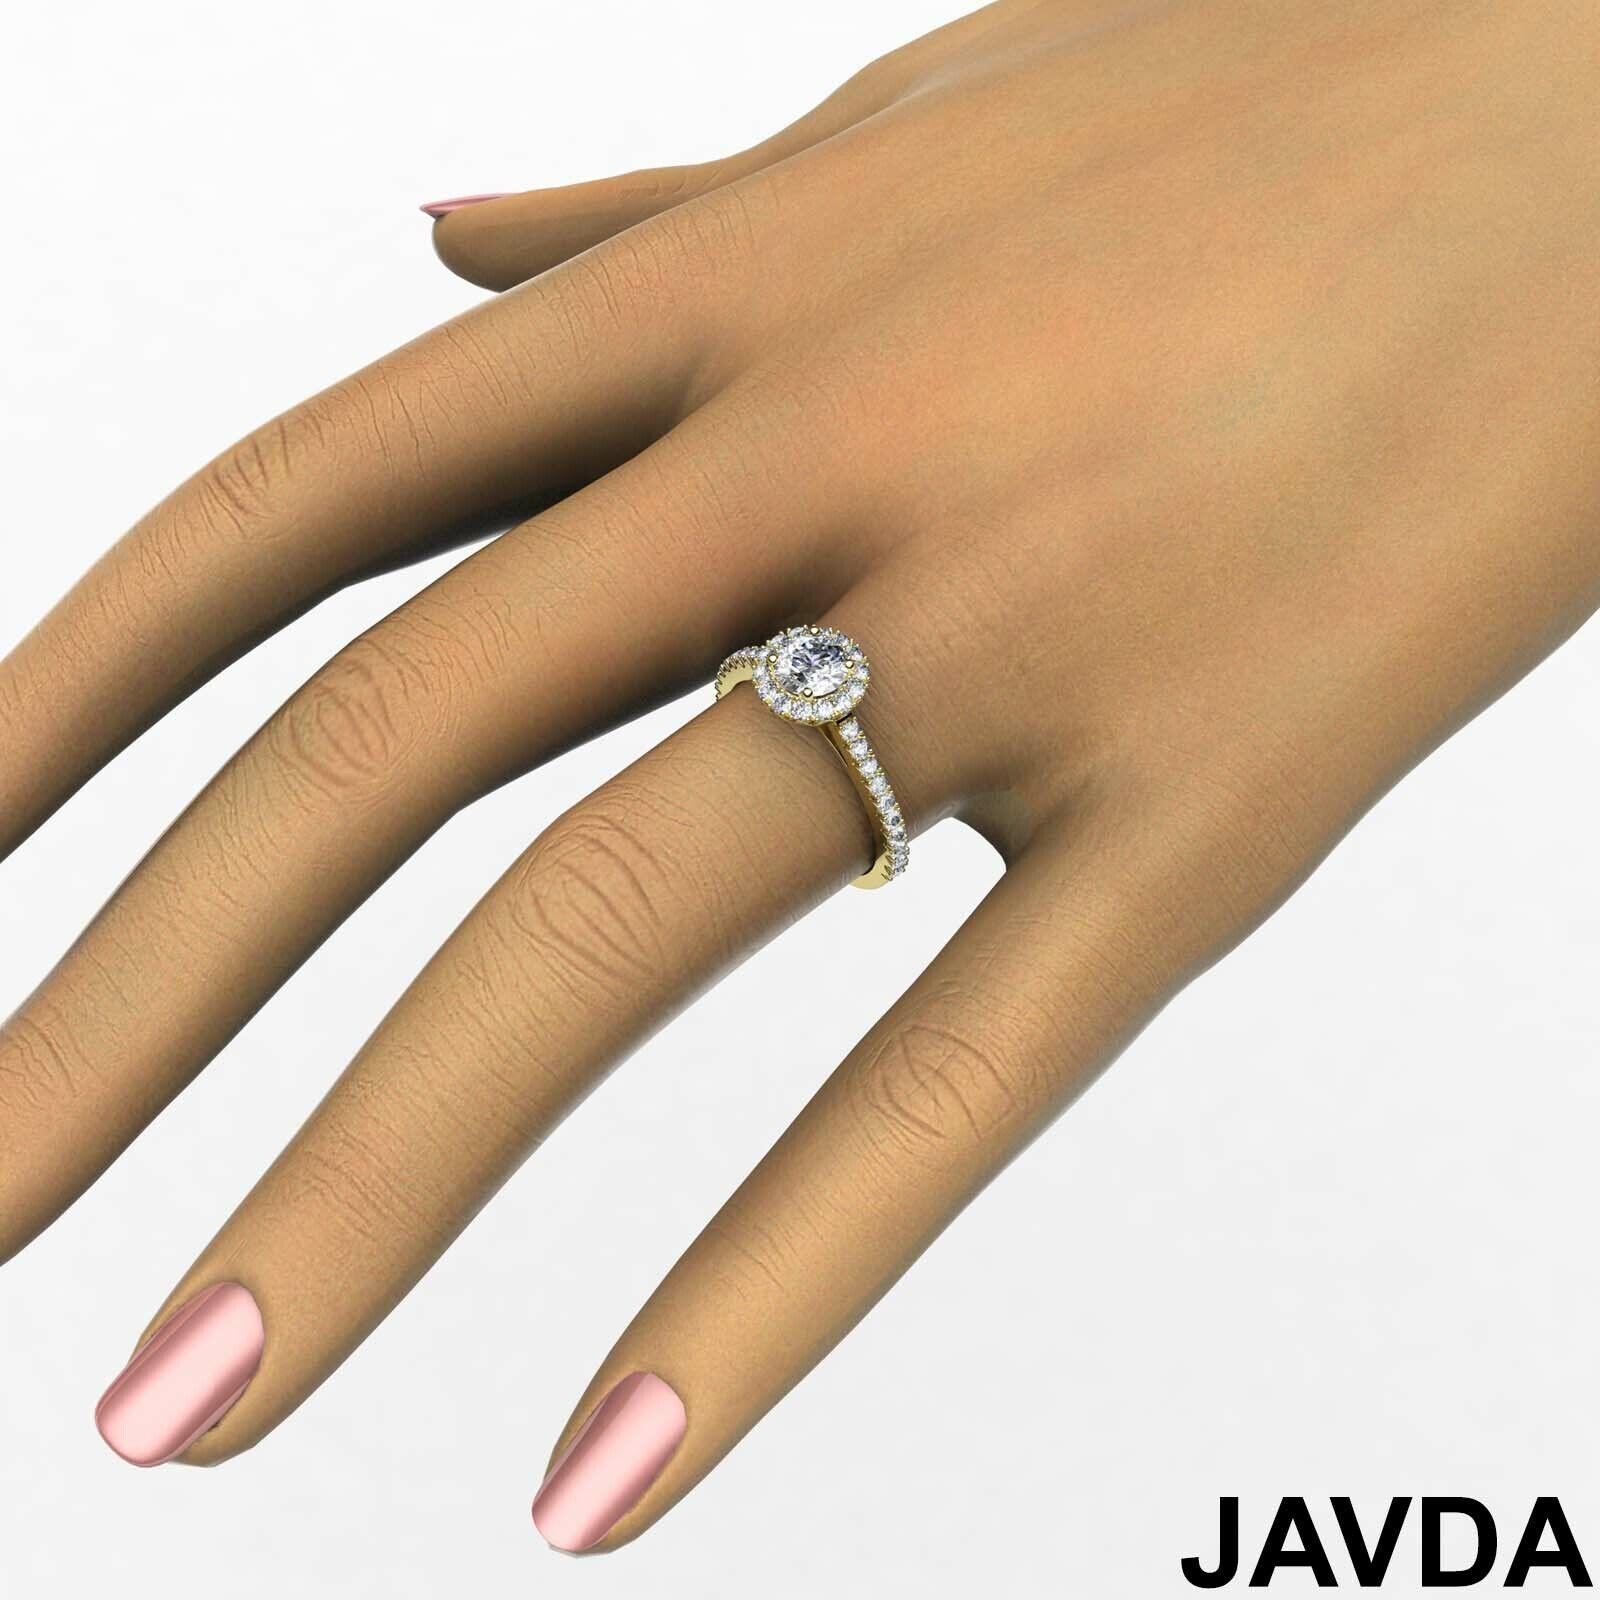 1.5ctw Double Prong Round Diamond Engagement Ring GIA E-VS2 White Gold Women New 8